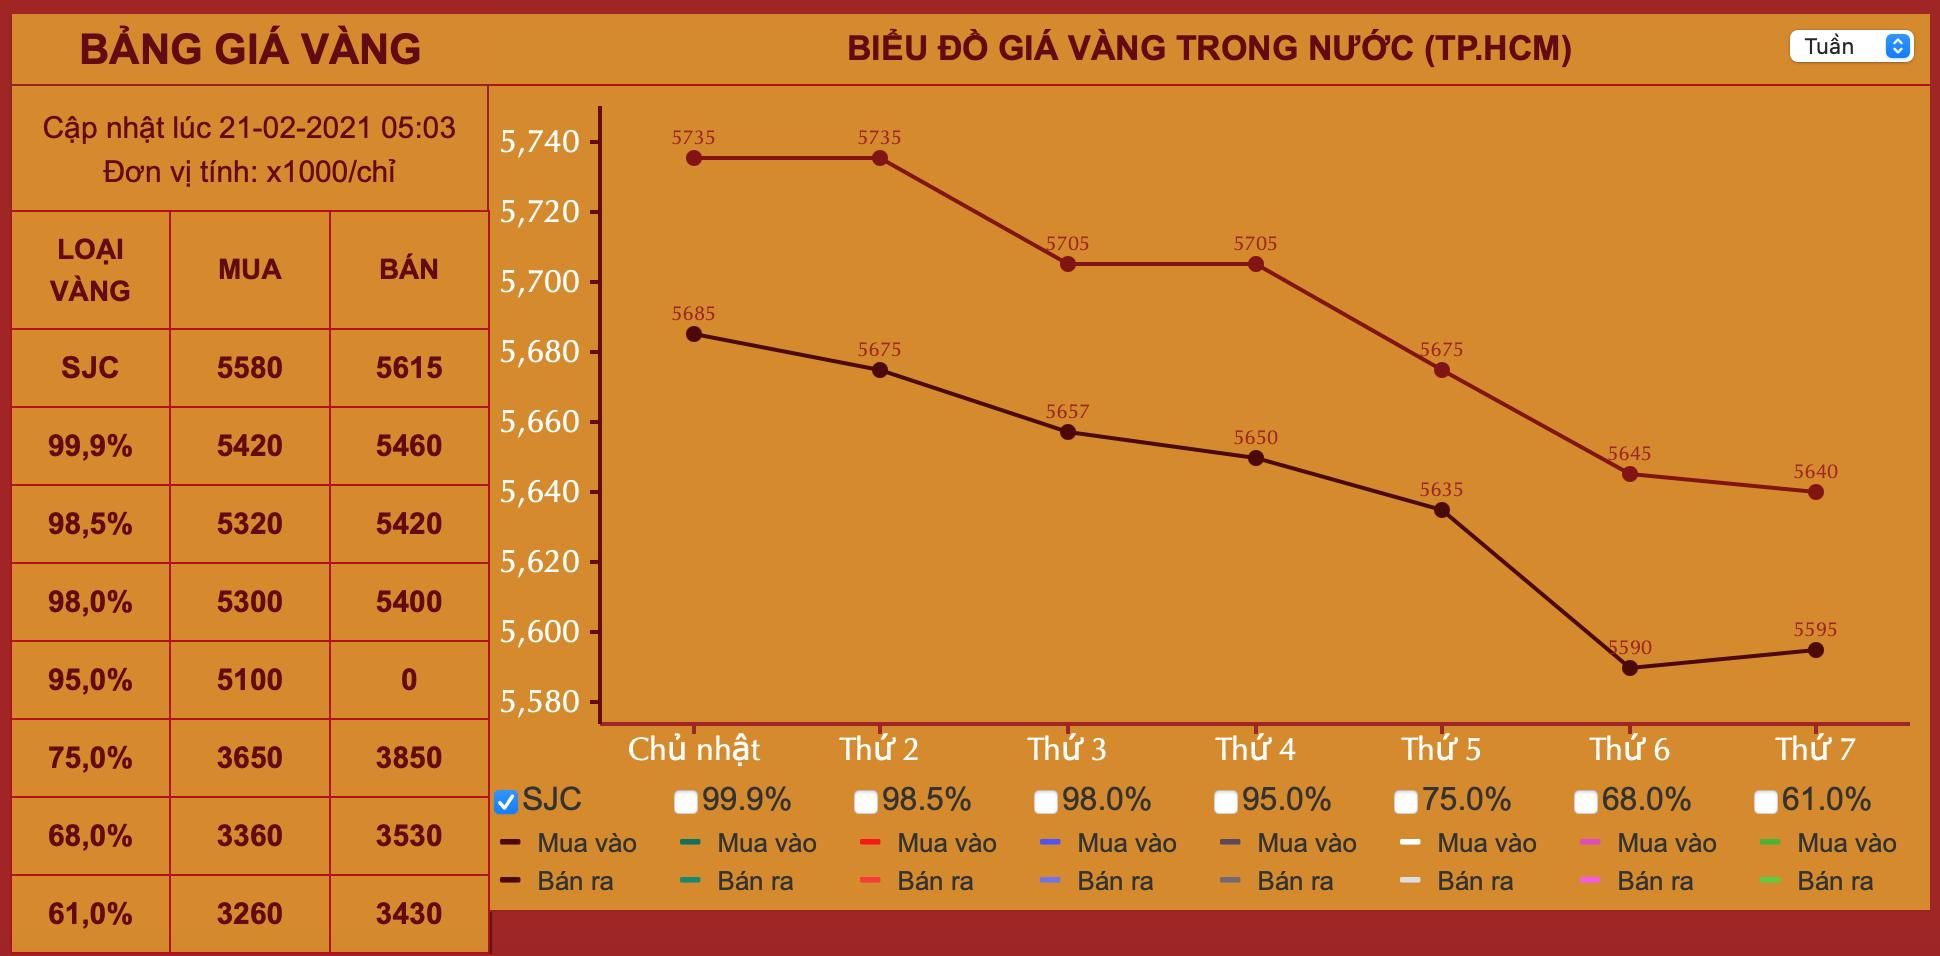 Giá vàng hôm nay ngày Vía Thần tài: Vàng giảm sâu, biên độ chênh lệch mua - bán lớn - Ảnh 1.